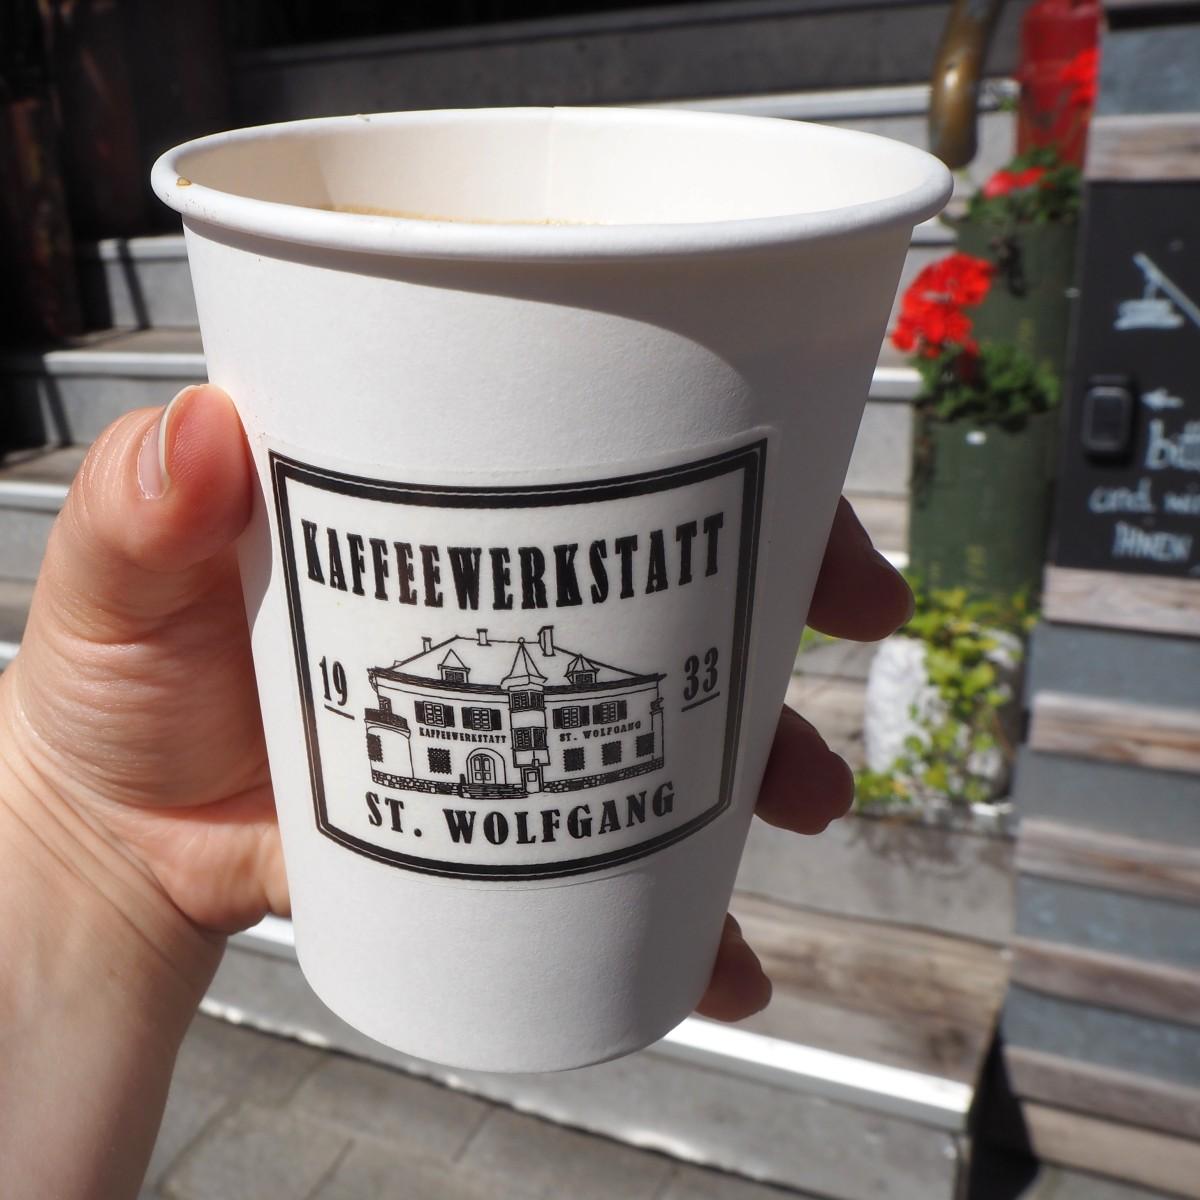 Die Kaffeewerkstatt in St. Wolfgang Oberösterreich ist zu Recht mit der goldenen Kaffeebohne als bestes Kaffeehaus in Oberösterreich prämiert worden.